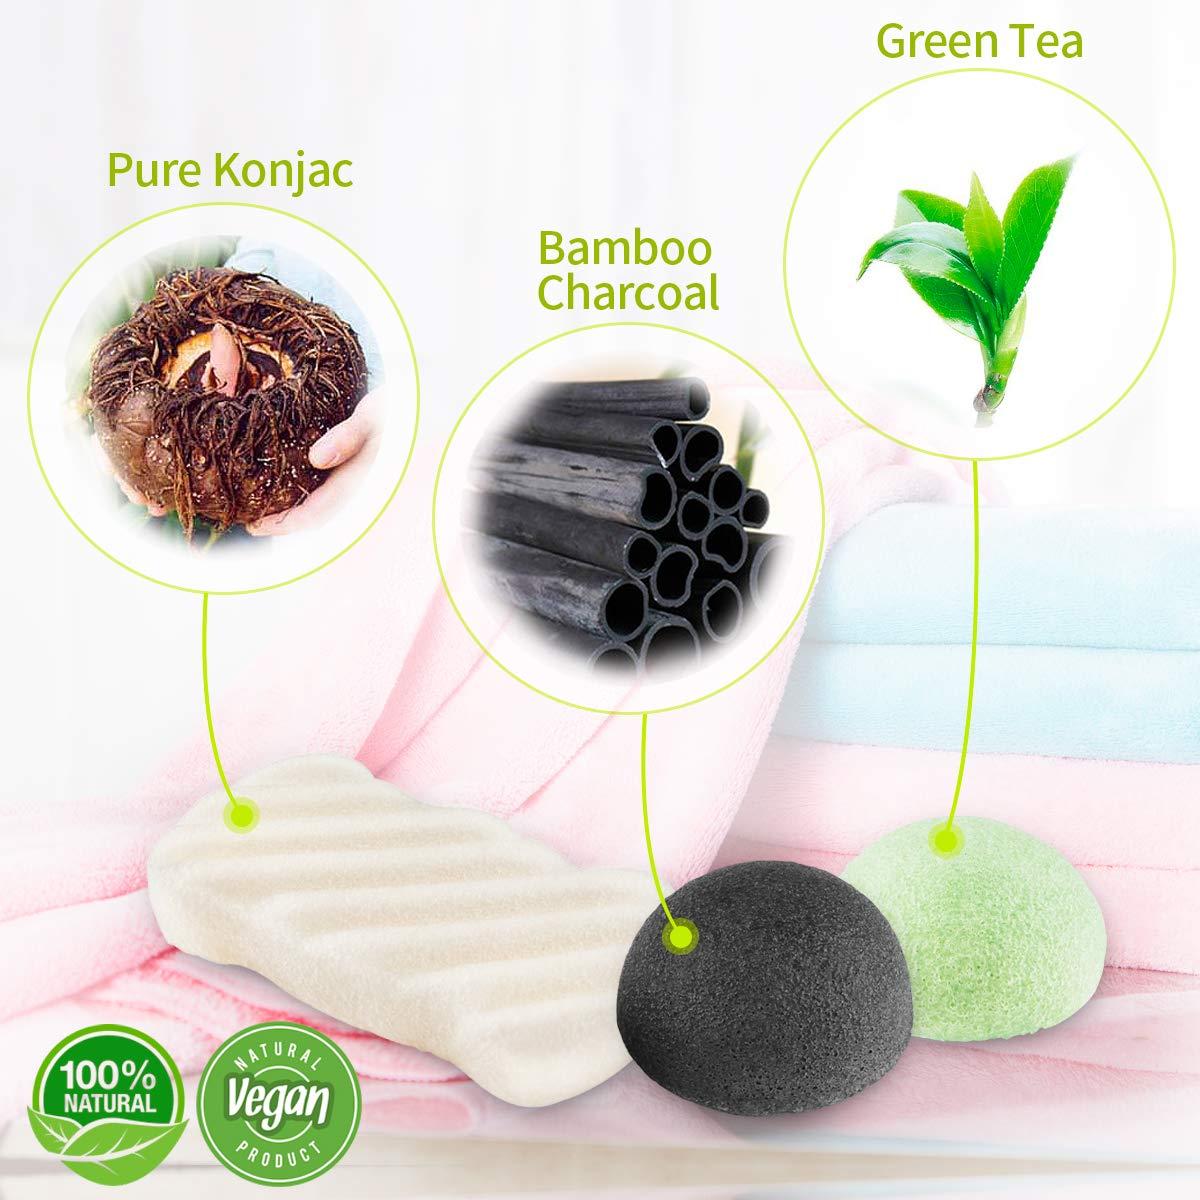 Konjac éponge visage, Morpilot 100% éponge naturelle de nettoyage Gommage du visage, durable Idéal, végétalien pour Normal, peau sensible, peau grasse et acnéique